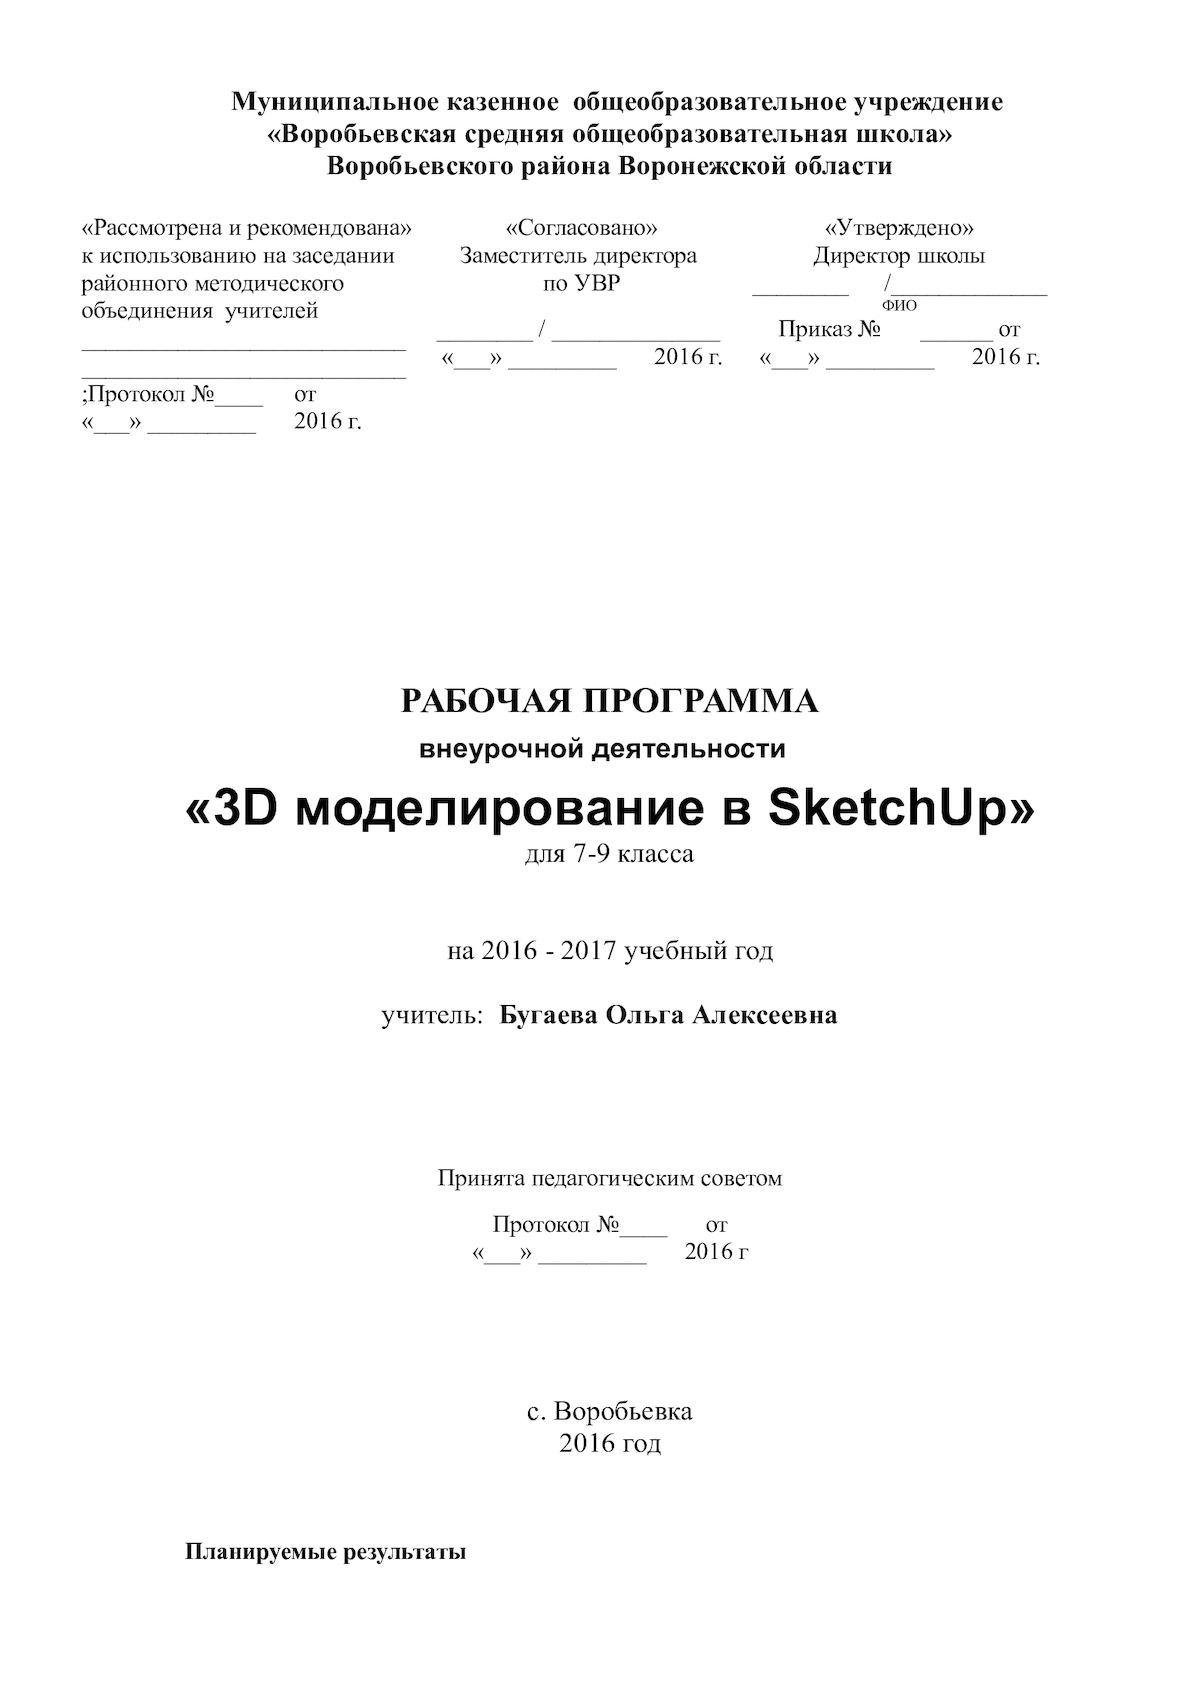 Rabochaja Programma 3d Modelirovanie V Sketchup Бугаева.